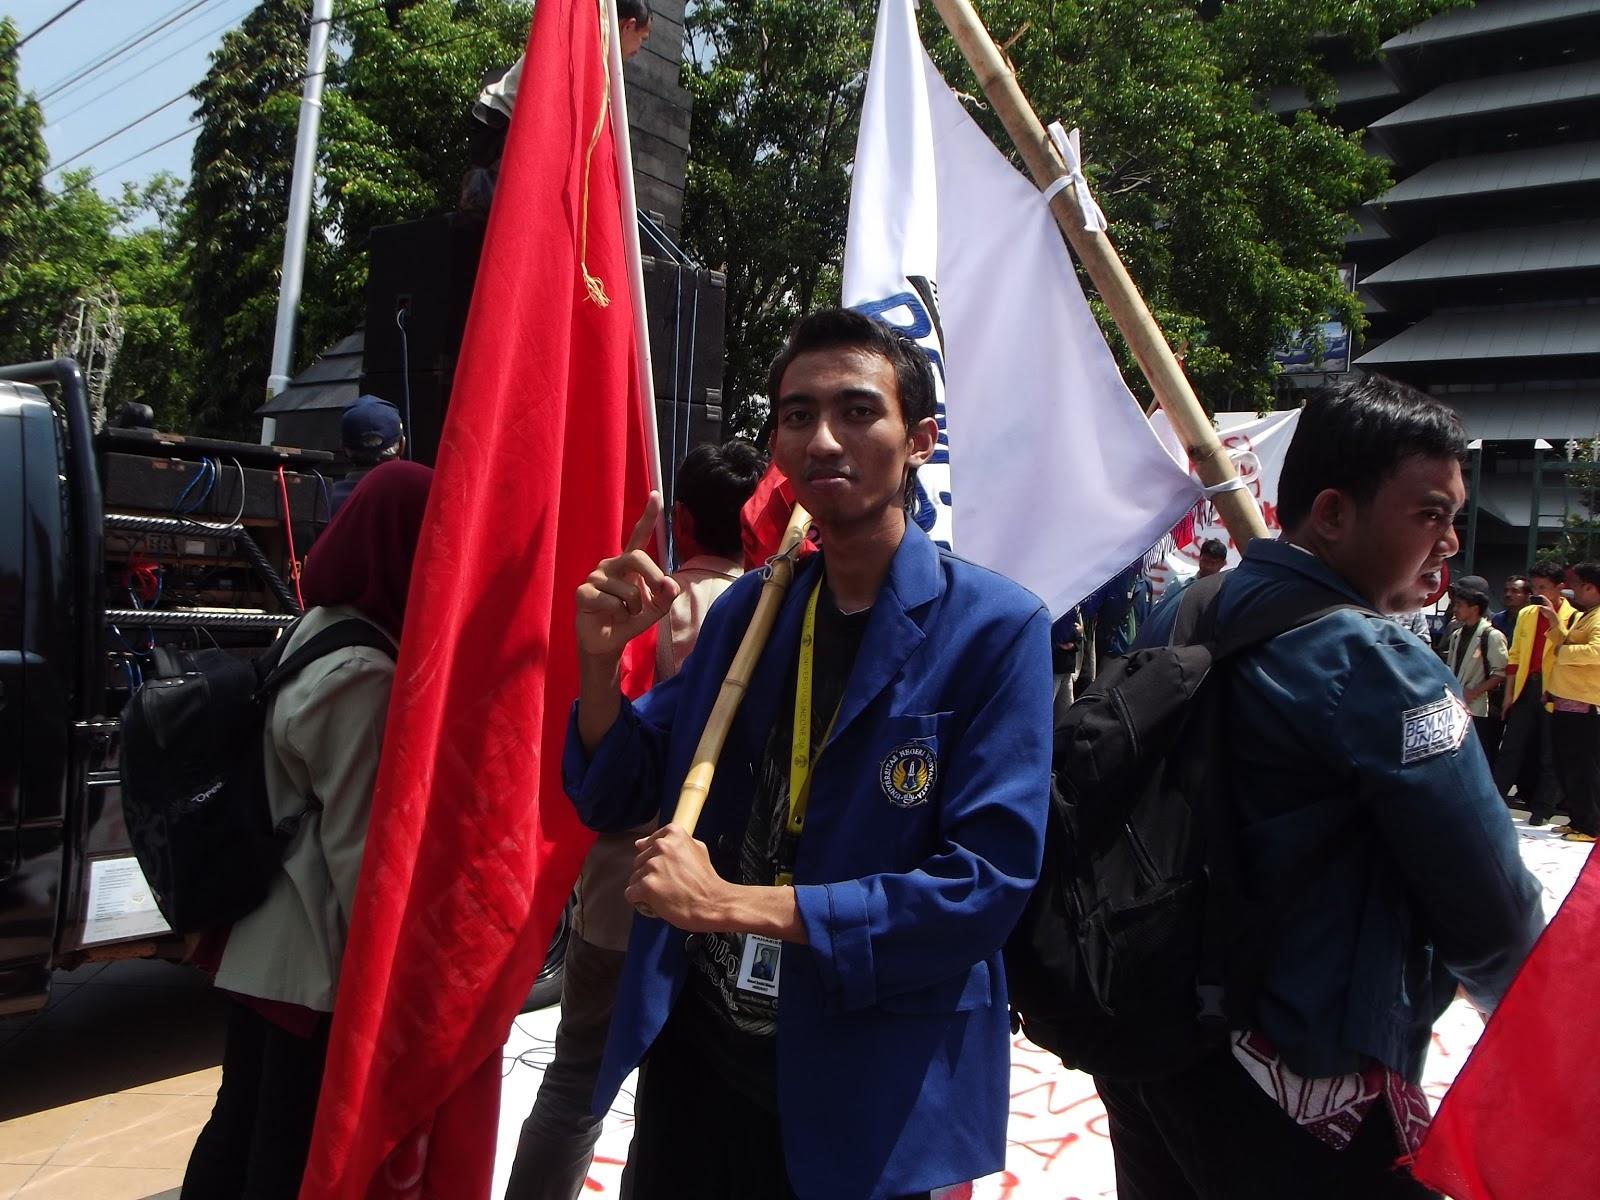 Mewujudkan Demonstrasi Yang Damai